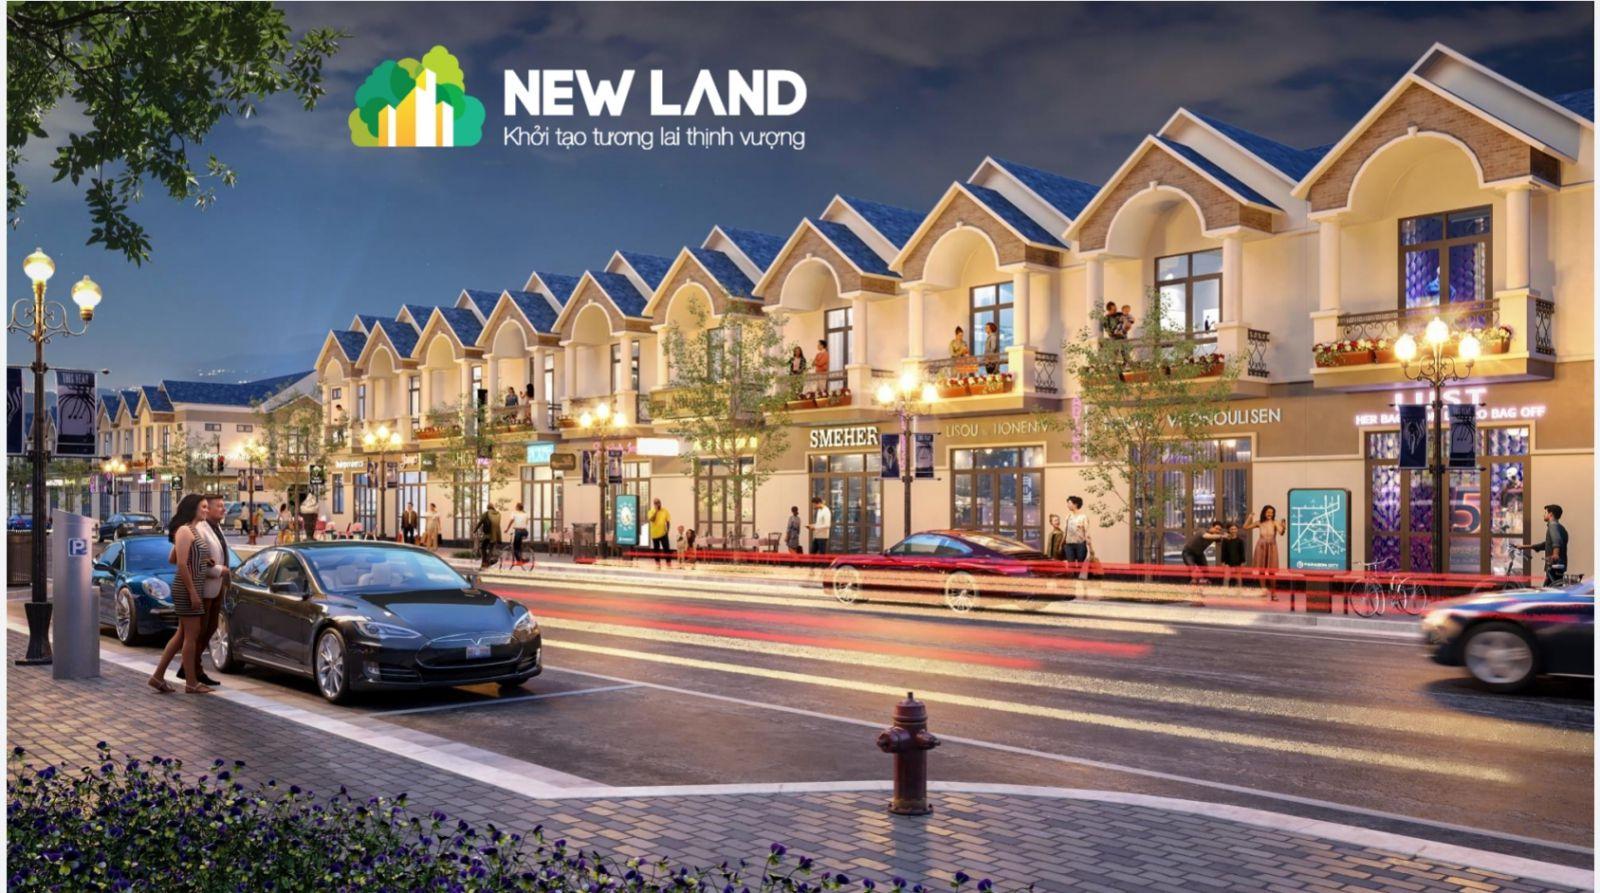 Phối cảnh dự án Khu nhà ở Bàu Bàng (New Land)